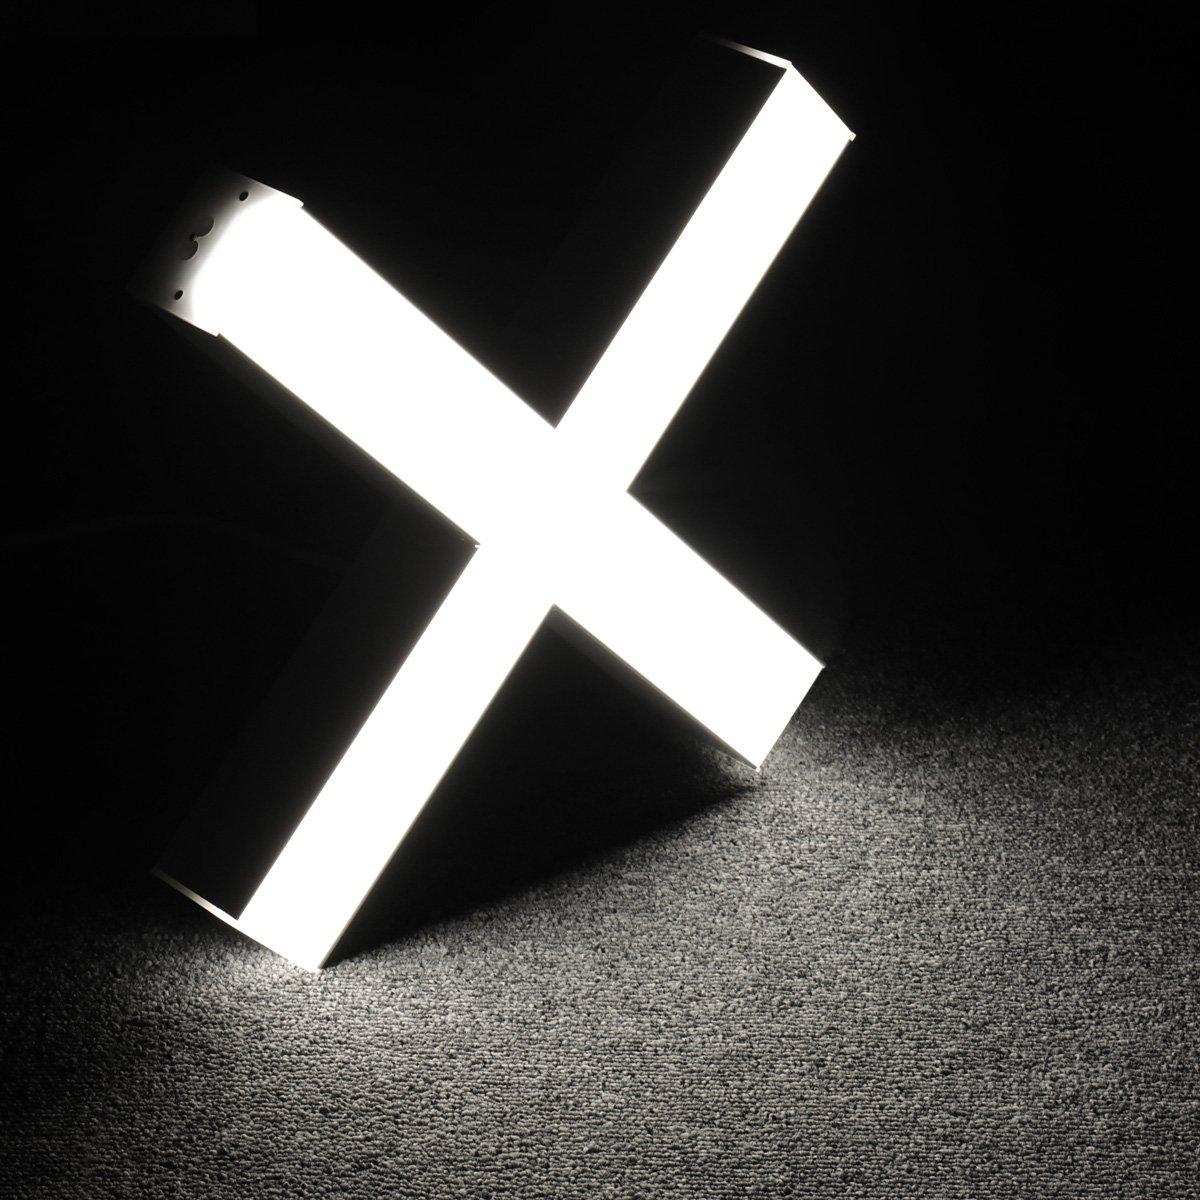 Lagute LEDGo DIYリニアモジュールLEDライトおよび電源コード、1.8m自由に設定可能なDIY照明オフィス、ガレージ、ワークショップ用の照明器具、吊り下げ式の壁掛けデイライト5000K-クールホワイト[X] 20W